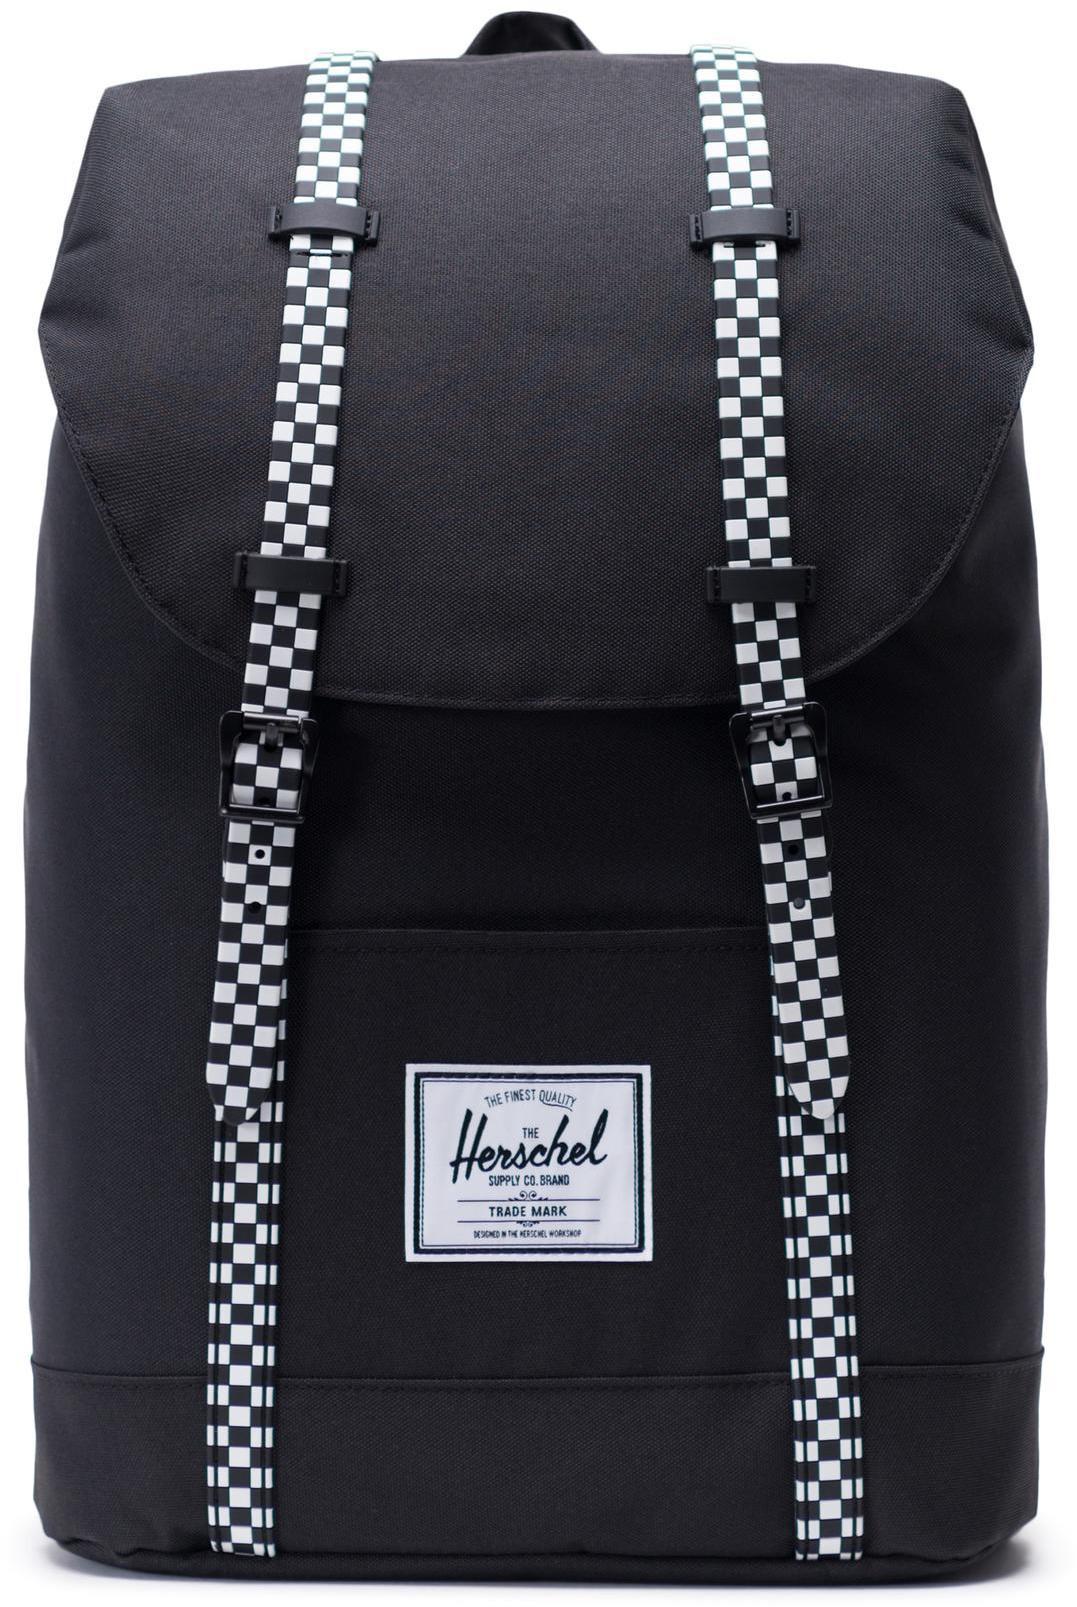 Herschel Retreat Backpack 19,5l, black/checkerboard (2019)   Rygsæk og rejsetasker